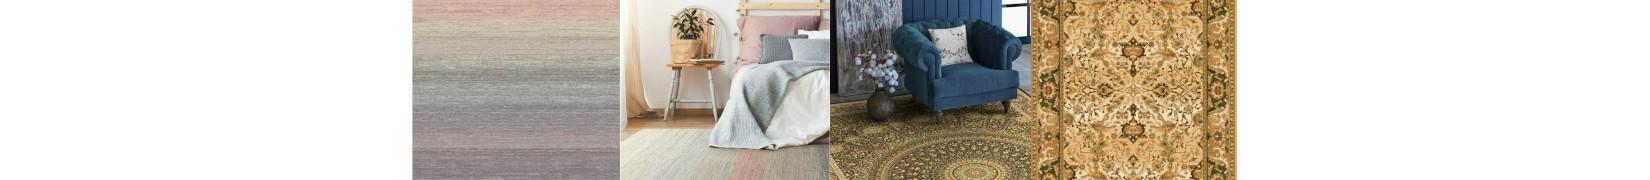 Dywany do salonu wełniane. Kolekcja AGNUS z Agnella